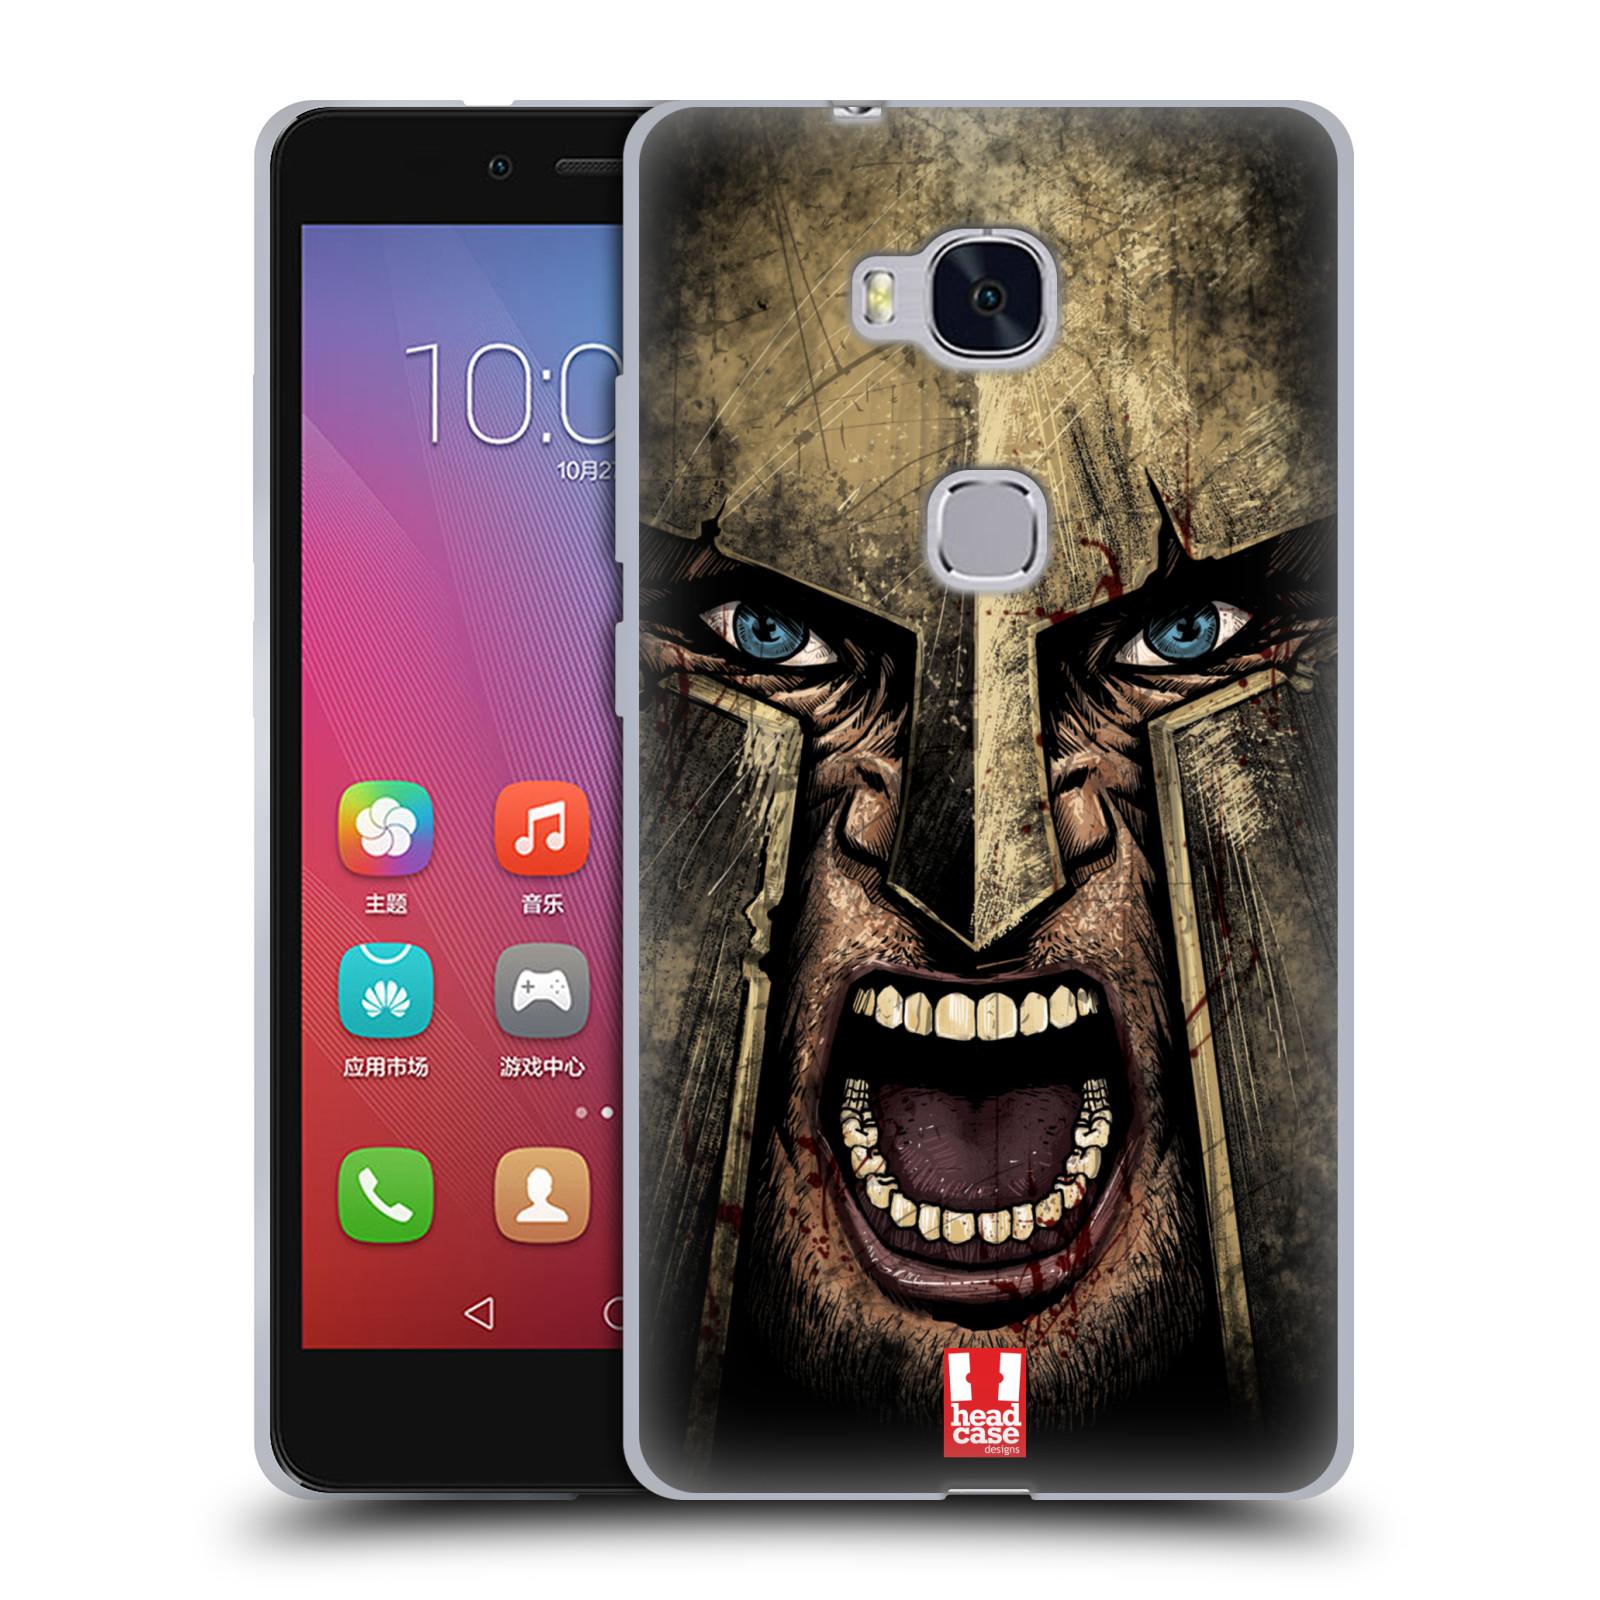 Silikonové pouzdro na mobil Honor 5X - Head Case - Řvoucí válečník